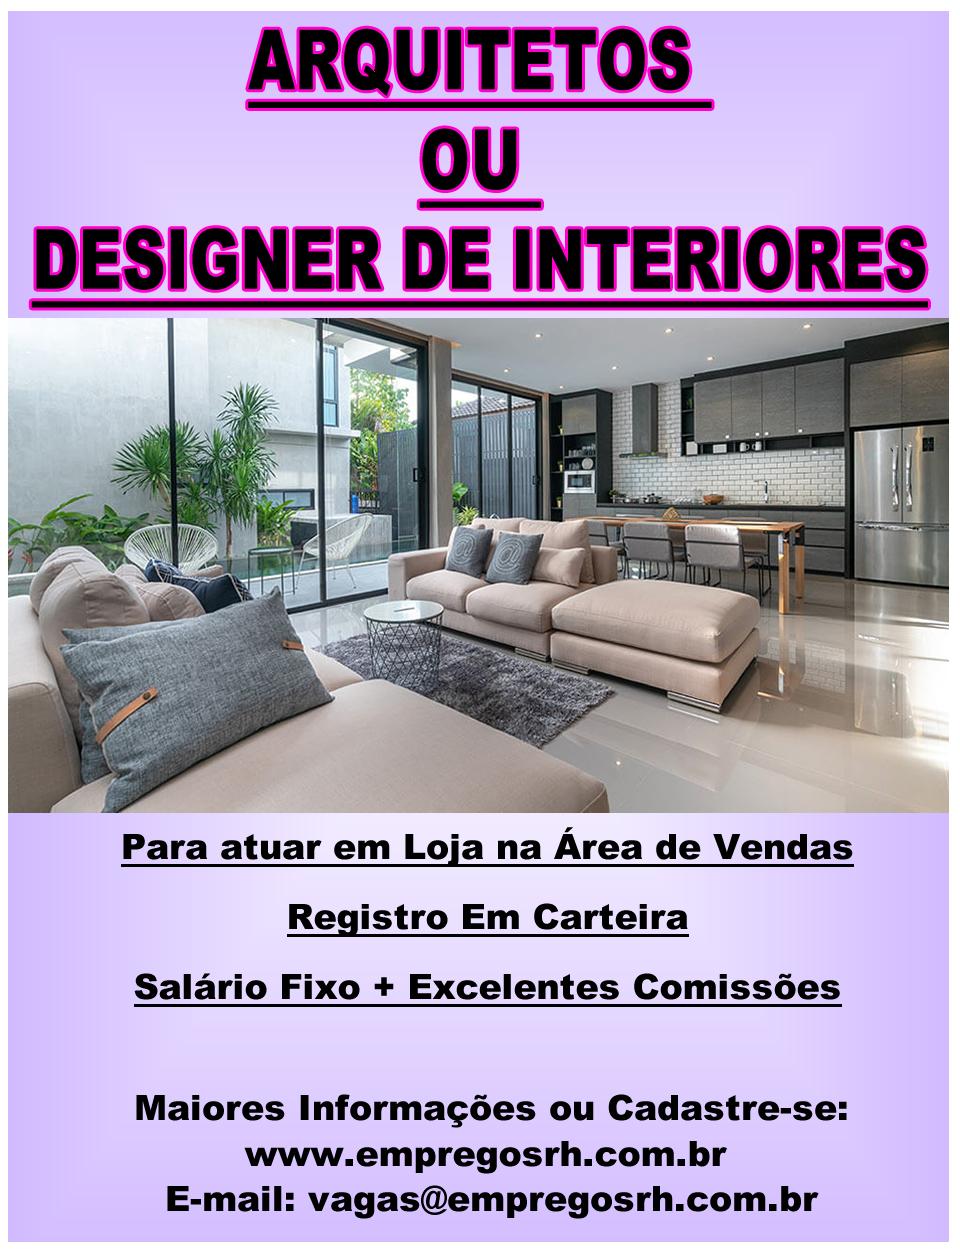 Arquitetos ou Designer de Interiores